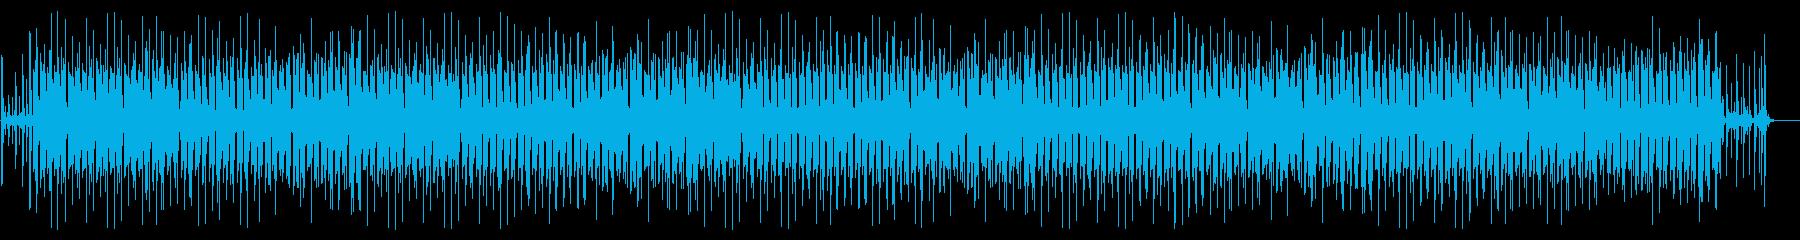 ★★作ってみた動画★工程★説明★BGM★の再生済みの波形